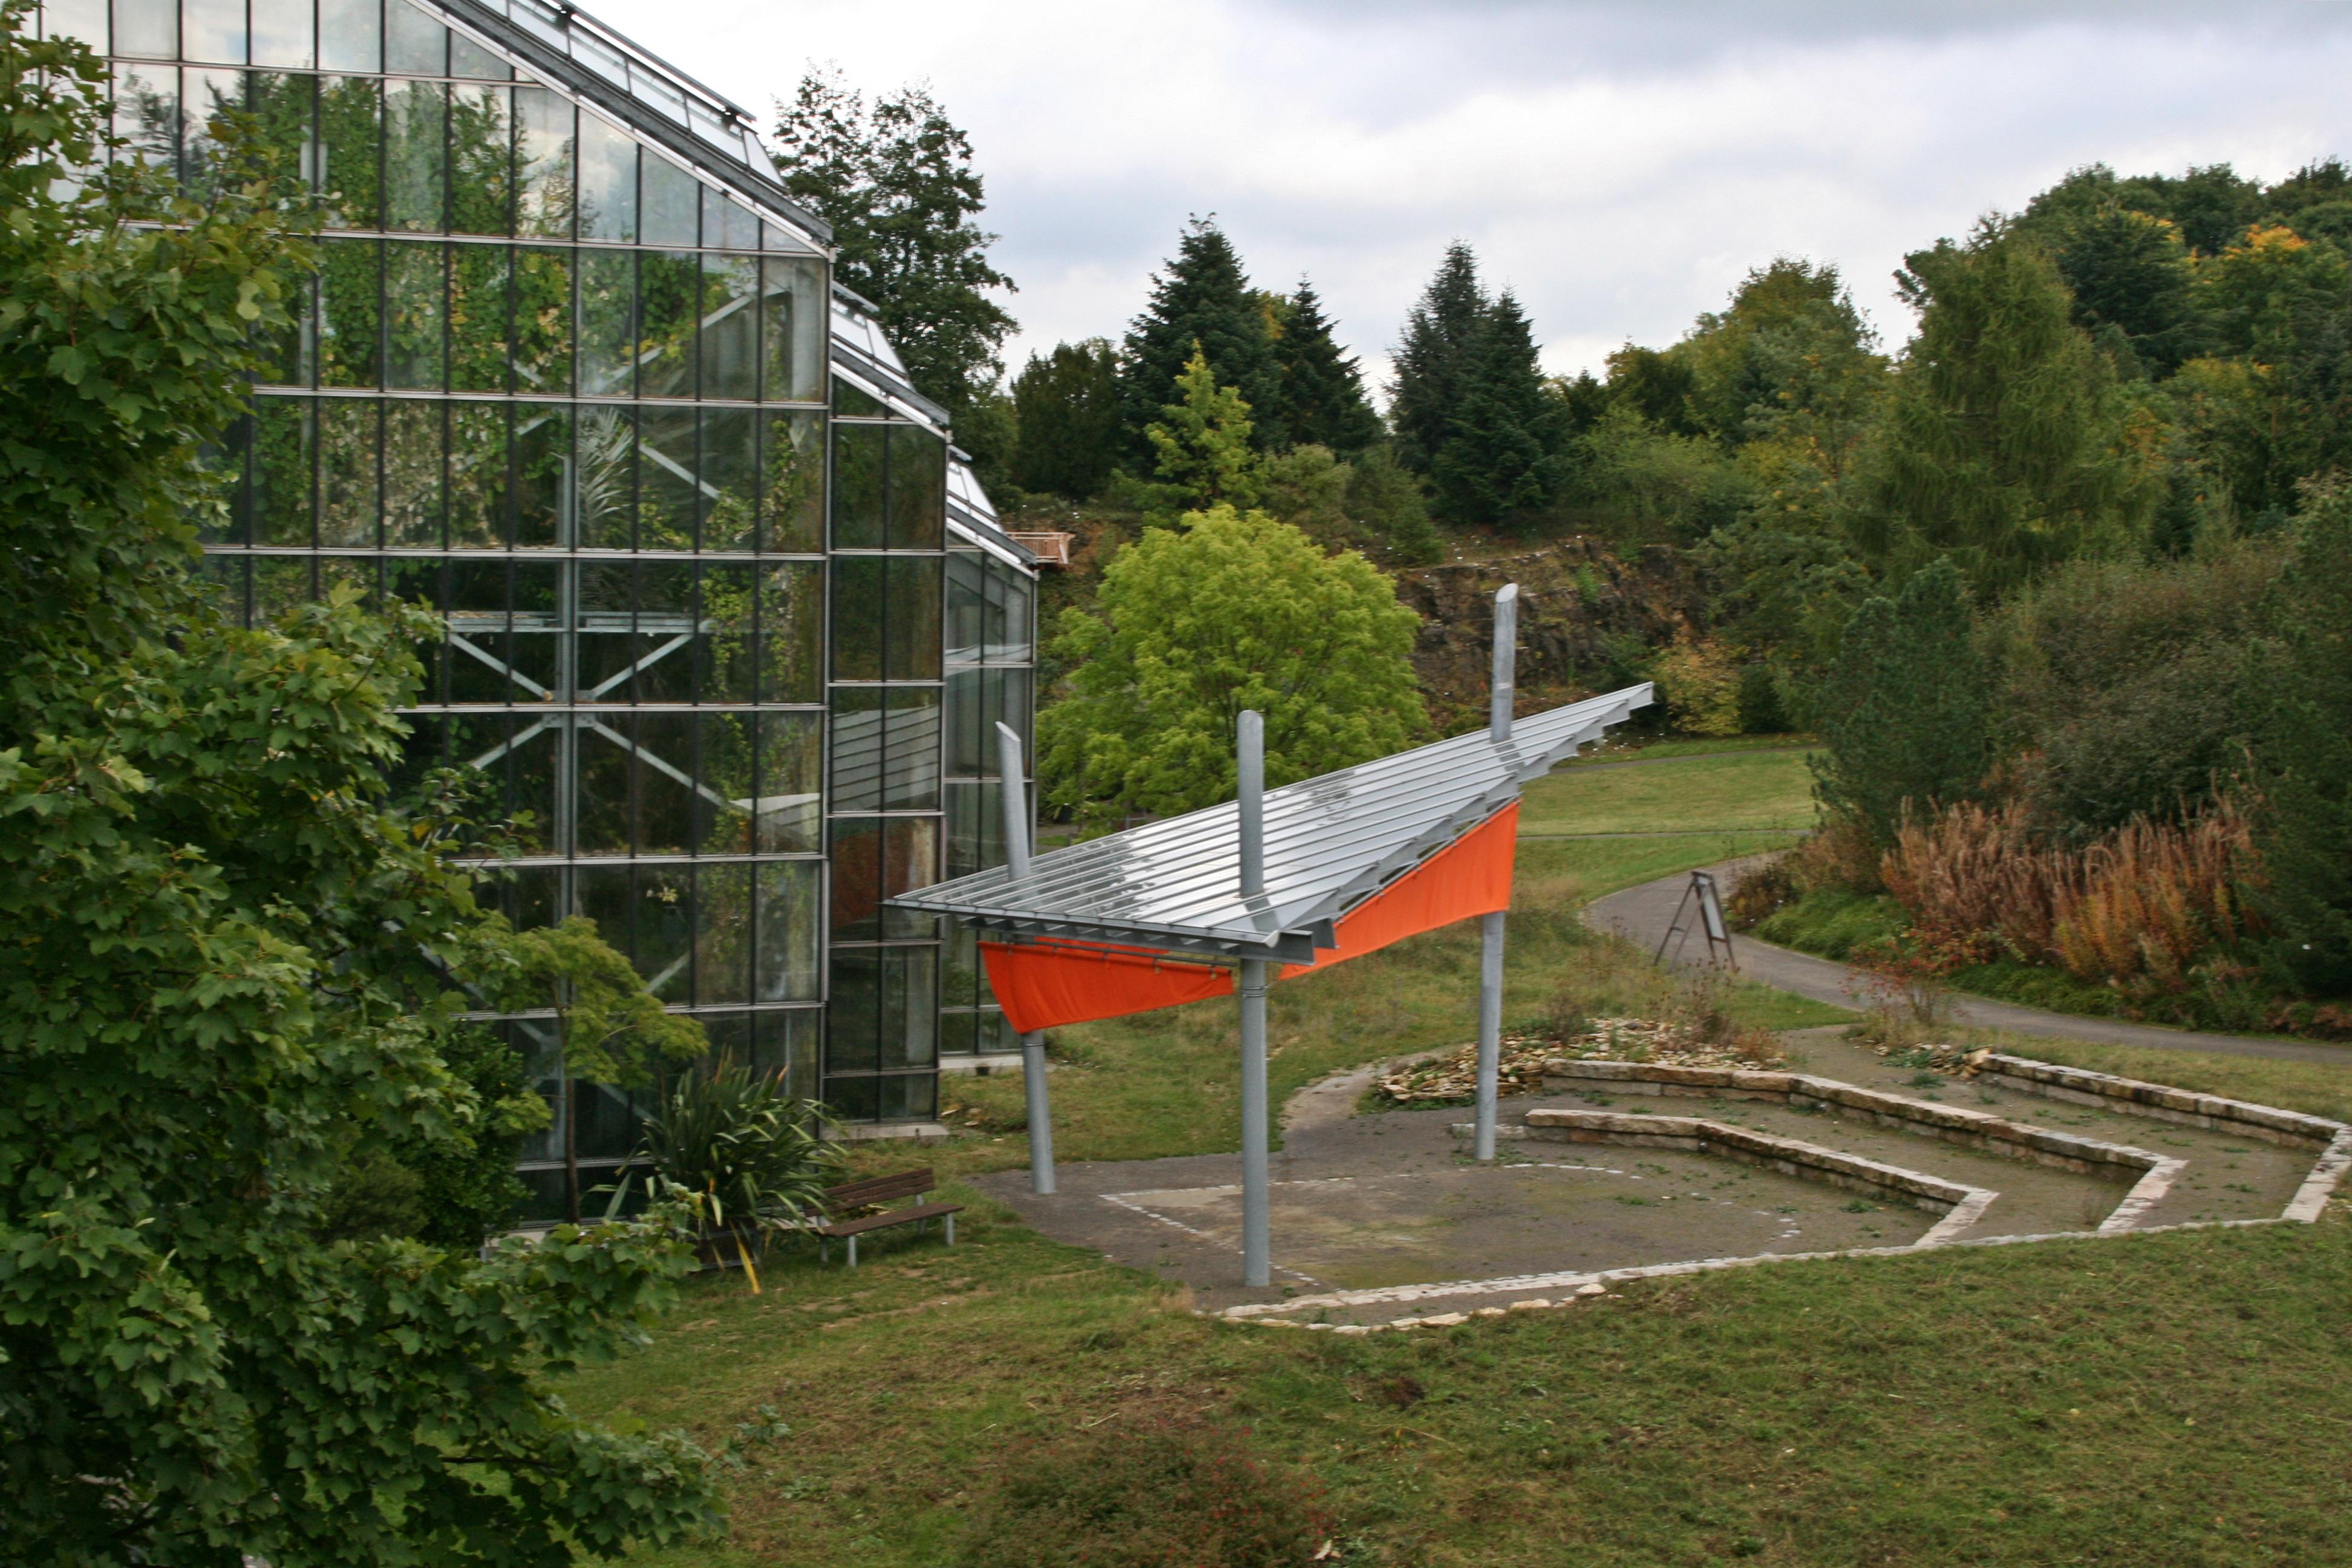 Garten Osnabrück file botanischer garten osnabrück tropenhaus jpg wikimedia commons